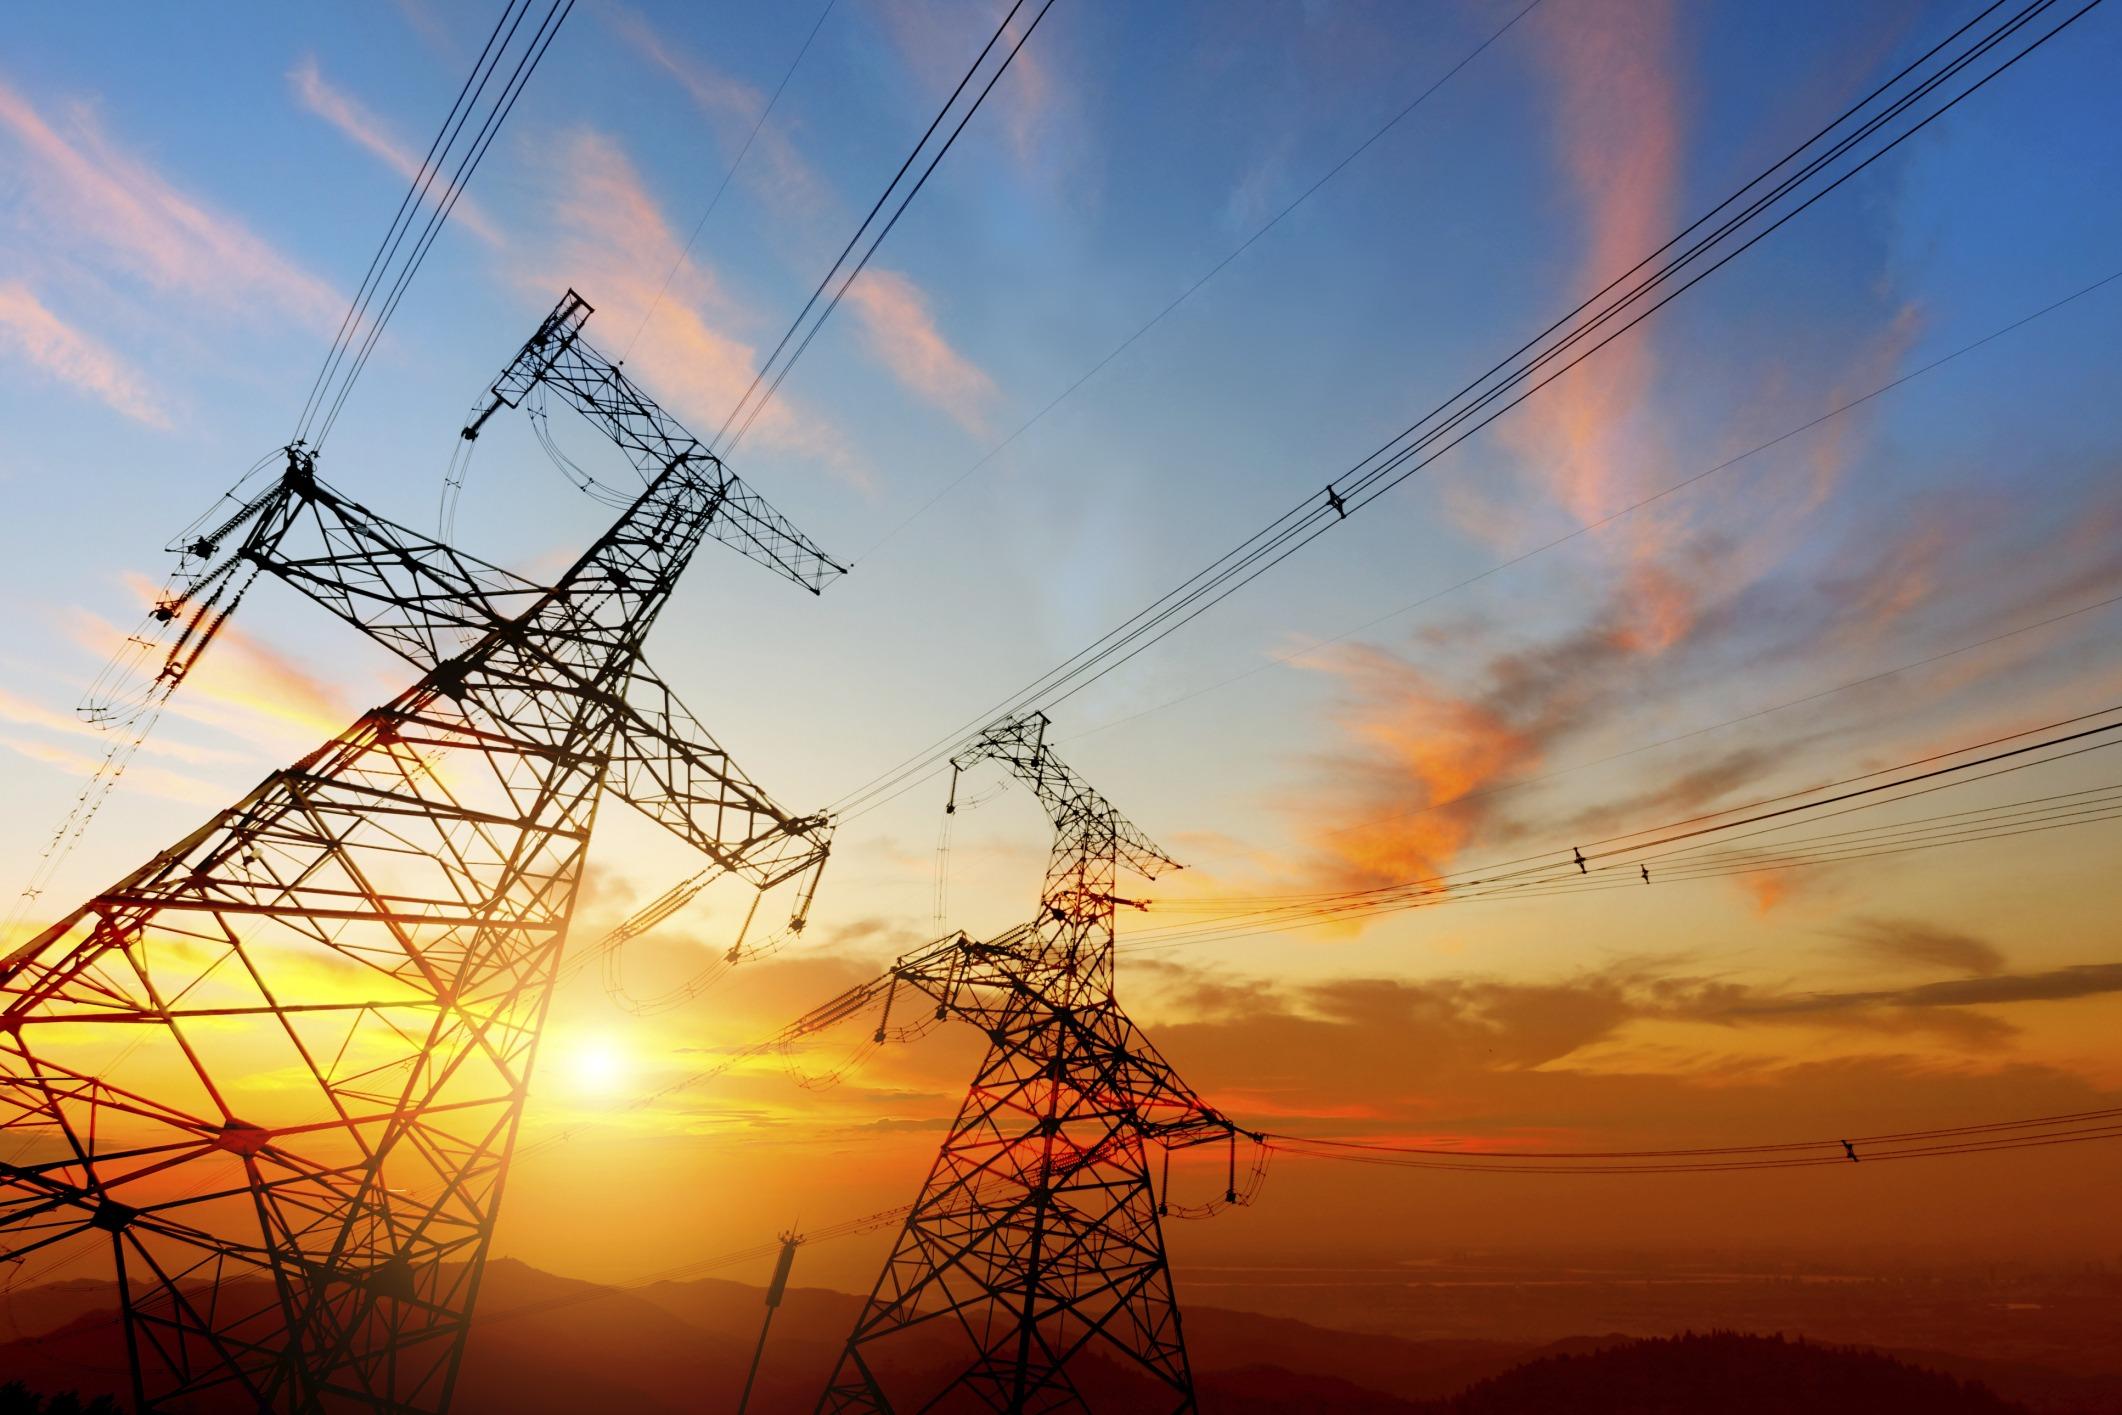 Banking of renewable energy